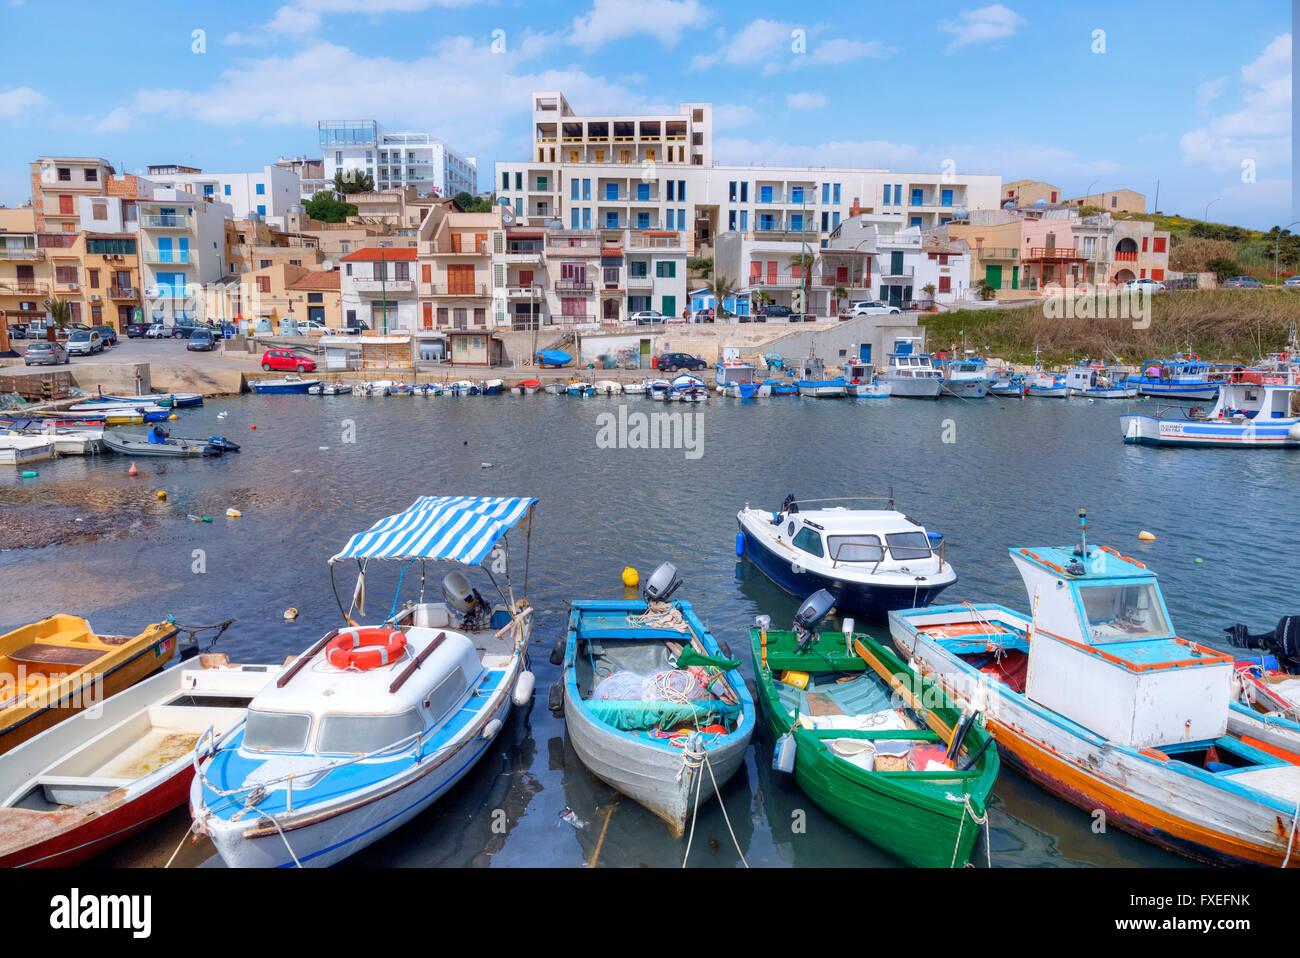 Marinella di Selinunte, Castelvetrano, Sicily, Italy - Stock Image